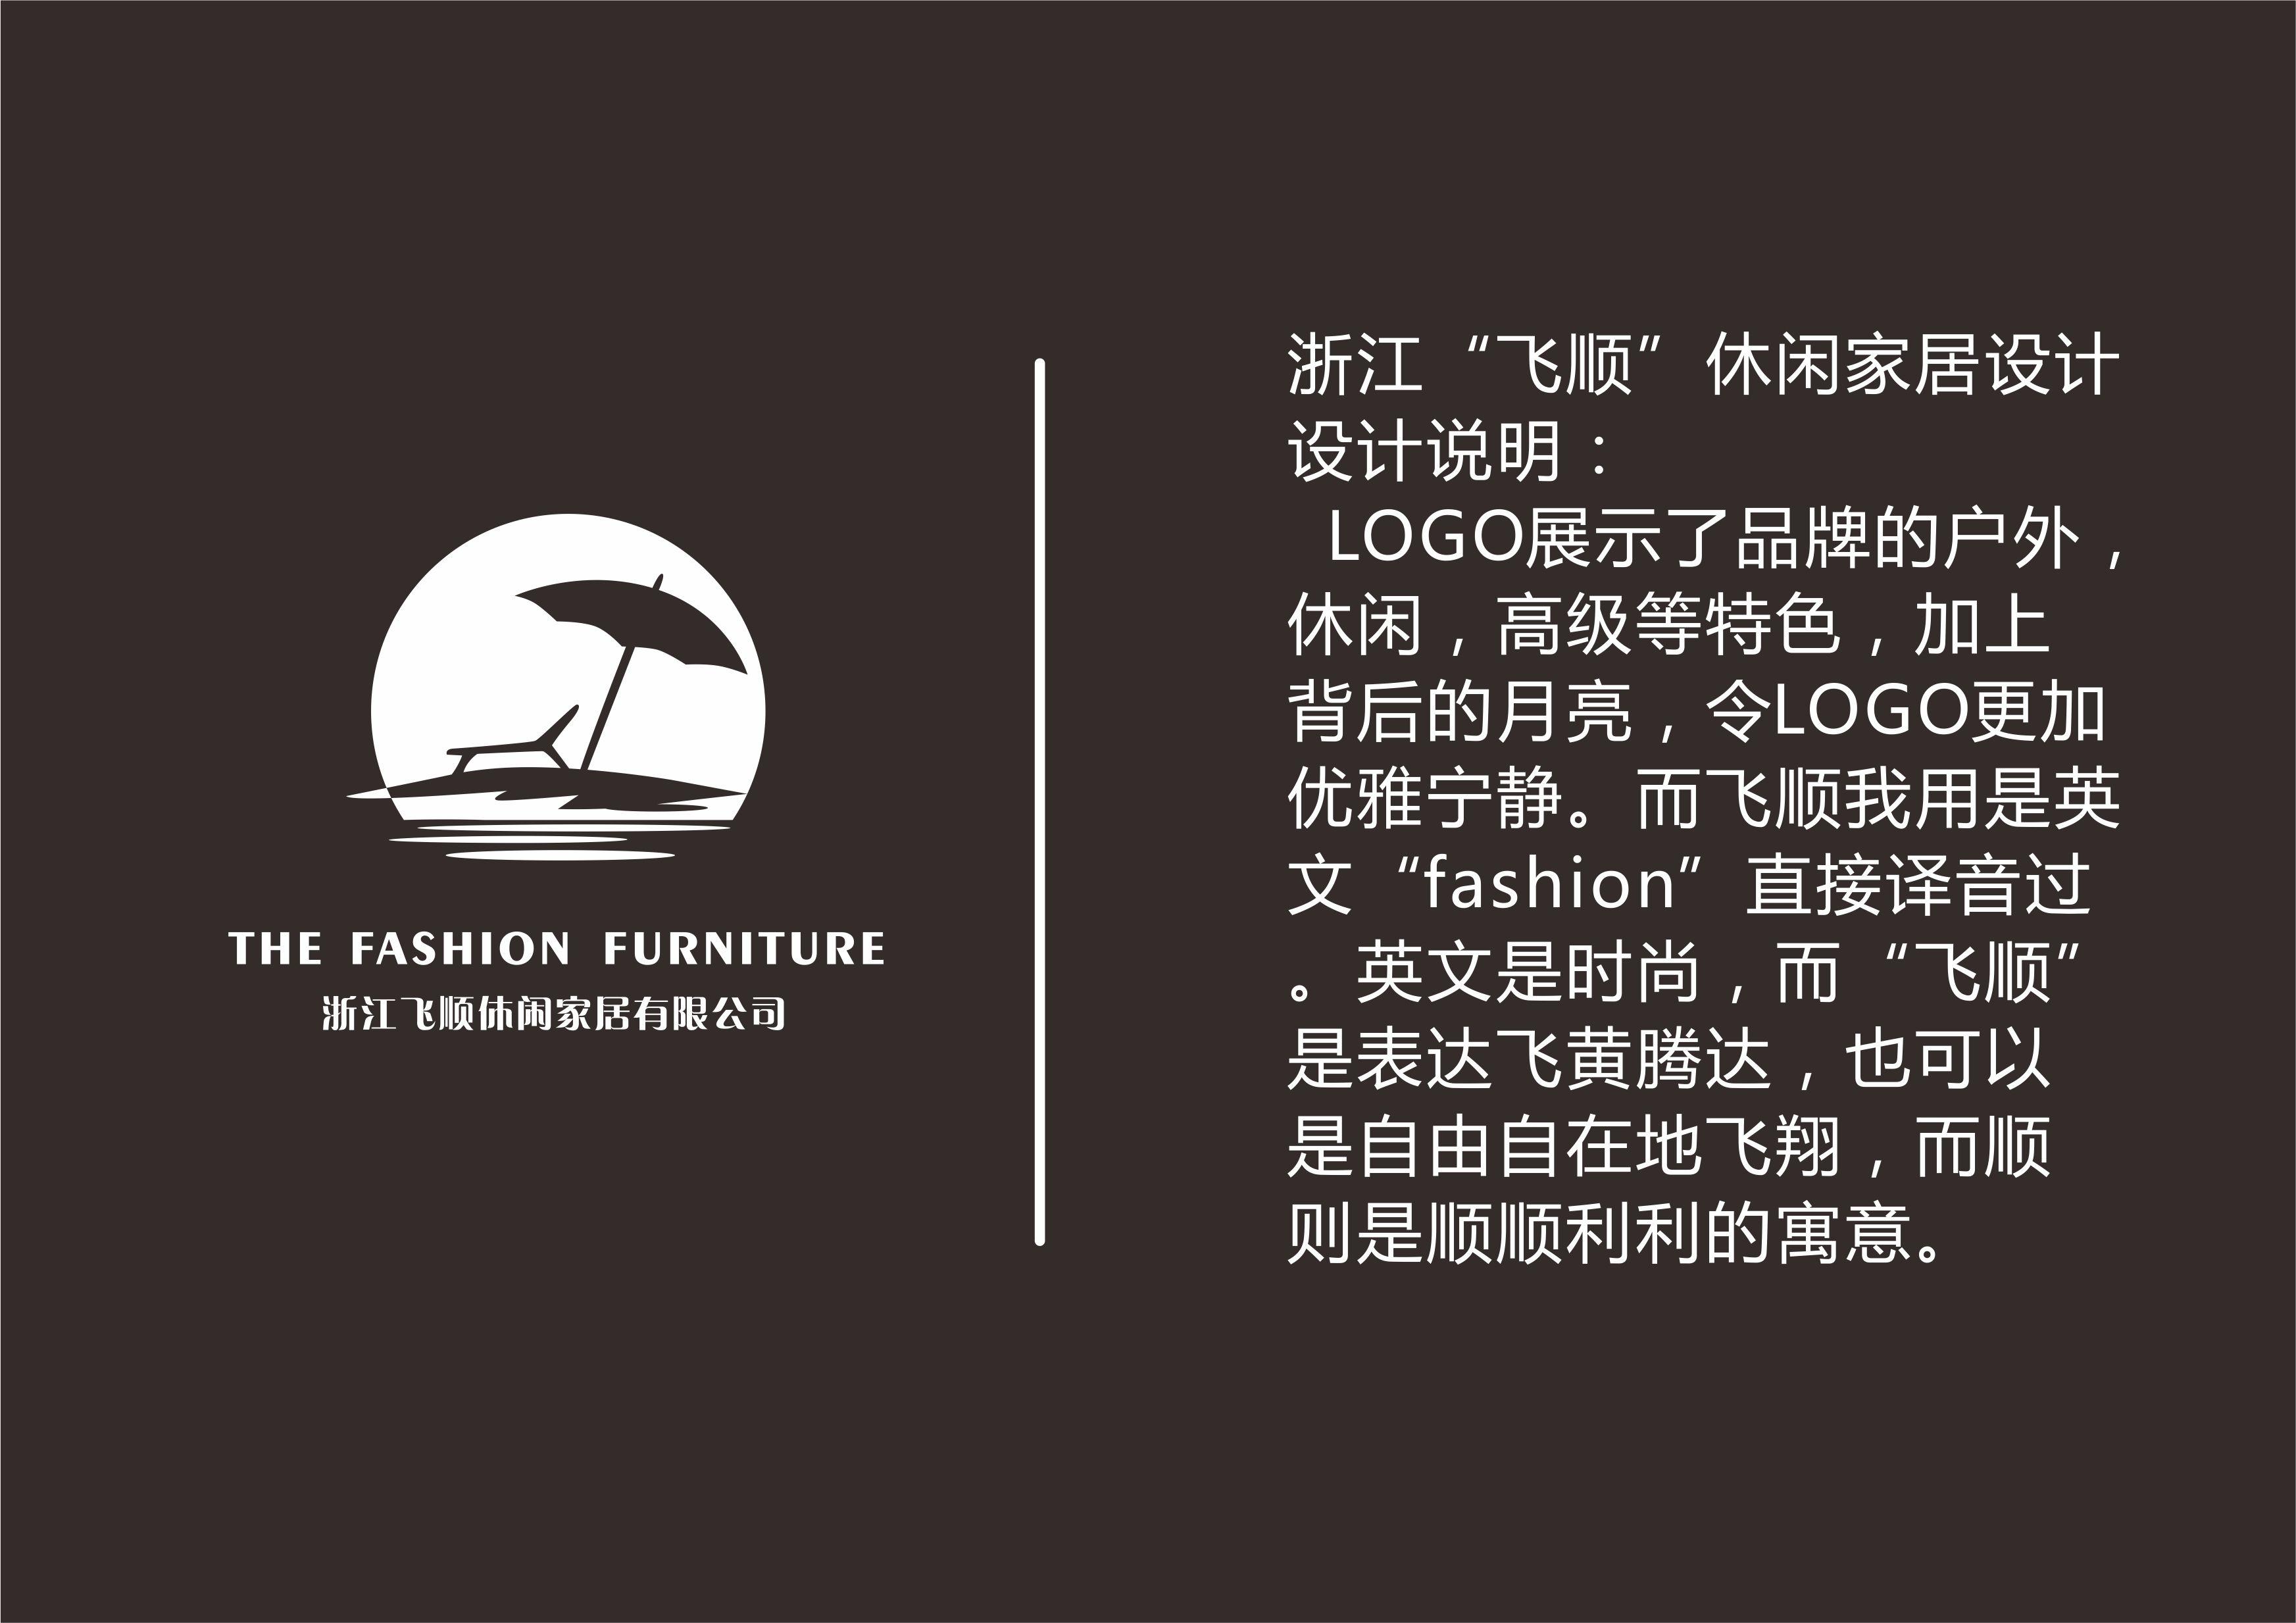 休闲家logo居设计与名字设计.jpg(448.34k)